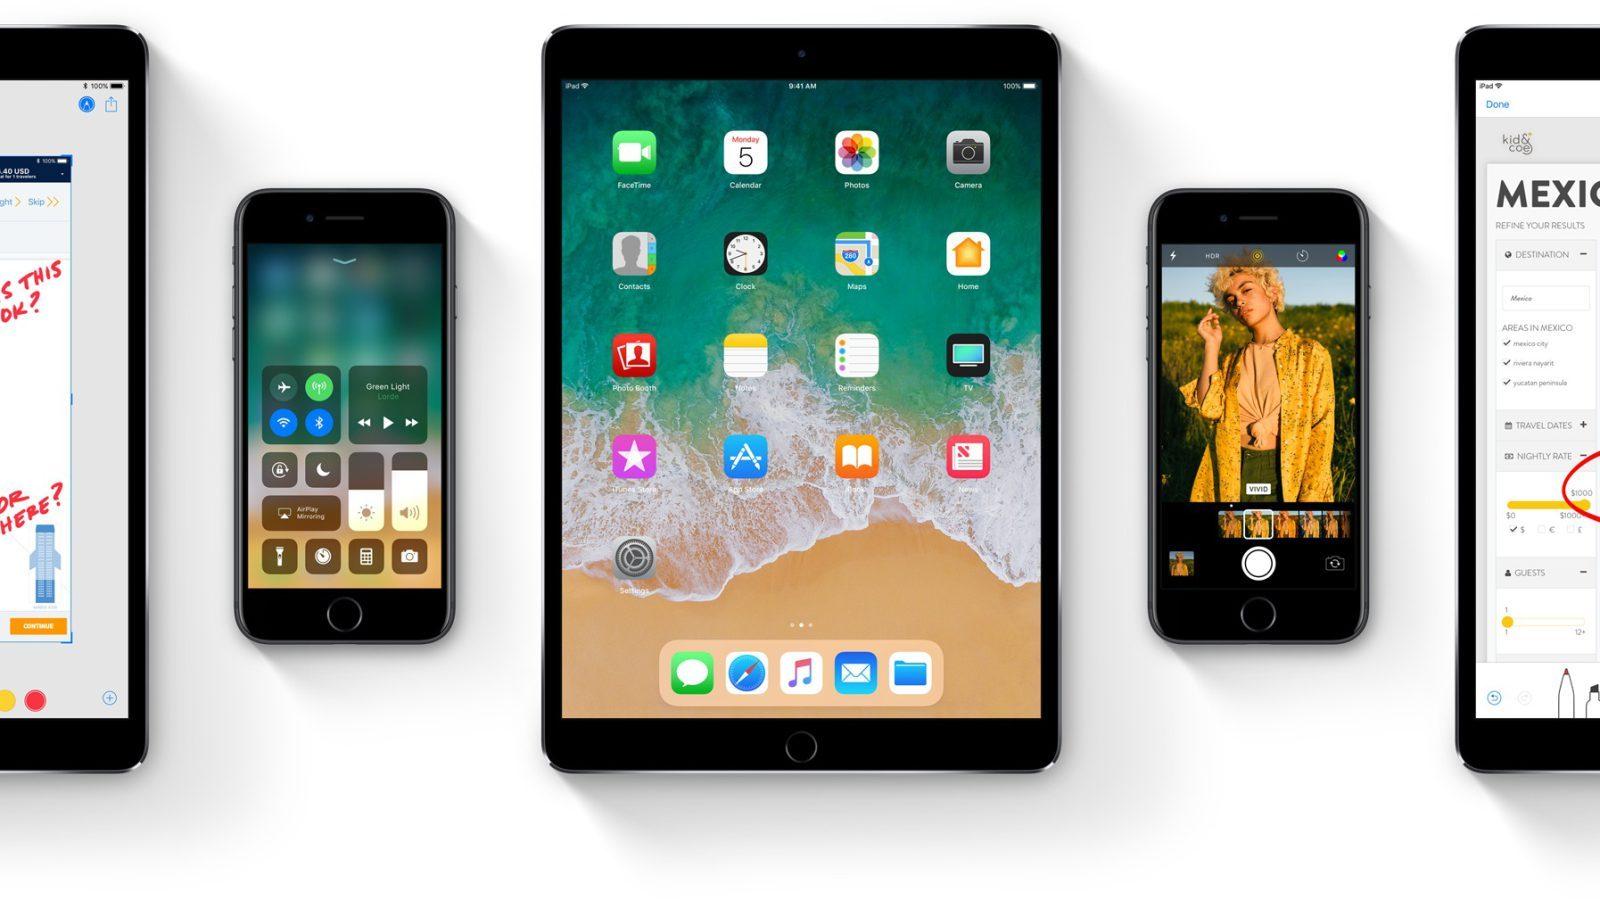 Apple'ın mobil cihazlarının tamamında kullandığıiOSişletim sistemi bildiğiniz gibi her yıl yeni bir sürüm numarası ile geliştirilerek yayınlanmaya devam ediyor. Geçtiğimiz aylarda iOS 11 sürümü ile piyasaya merhaba diyen yazılımın sonraki adımı hakkında bilgiler geldi. MuhtemeleniOS 12adıyla karşımıza çıkacak güncelleme için çalışmalar başlatıldı. | Sungurlu Haber